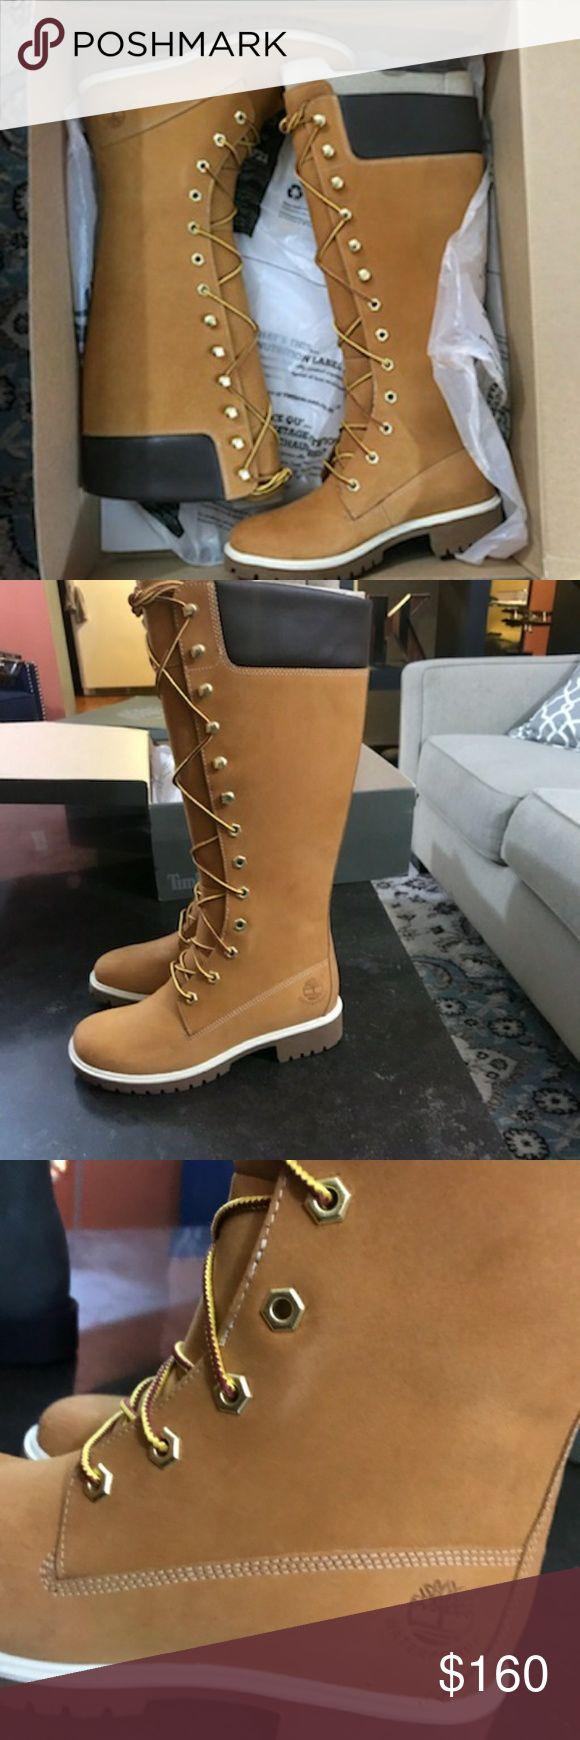 Wheat timberland boots brand new Wheat timberland boots brand new Timberland Shoes Winter & Rain Boots